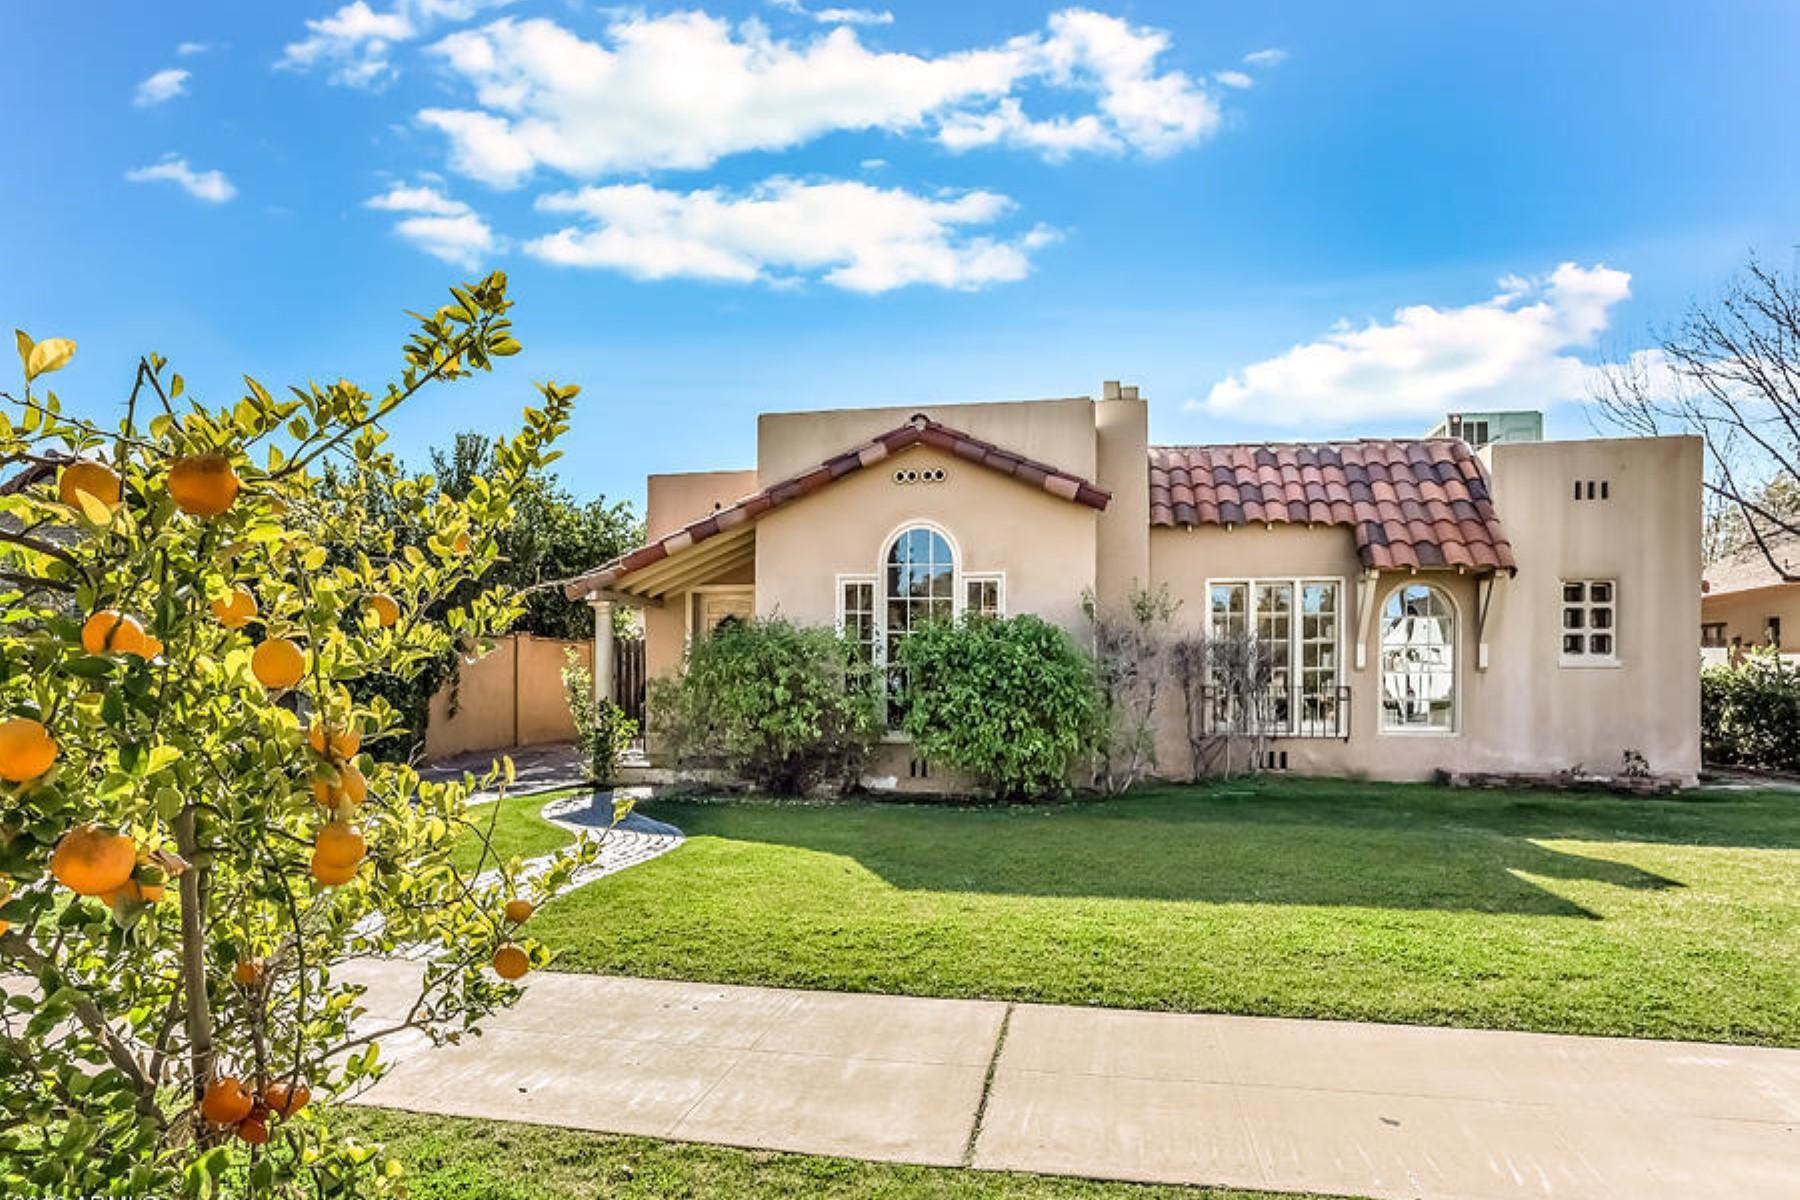 一戸建て のために 売買 アット Gorgeous 1930 Spanish Mission in the Willo Historic District 505 W Granada Rd Phoenix, アリゾナ, 85003 アメリカ合衆国